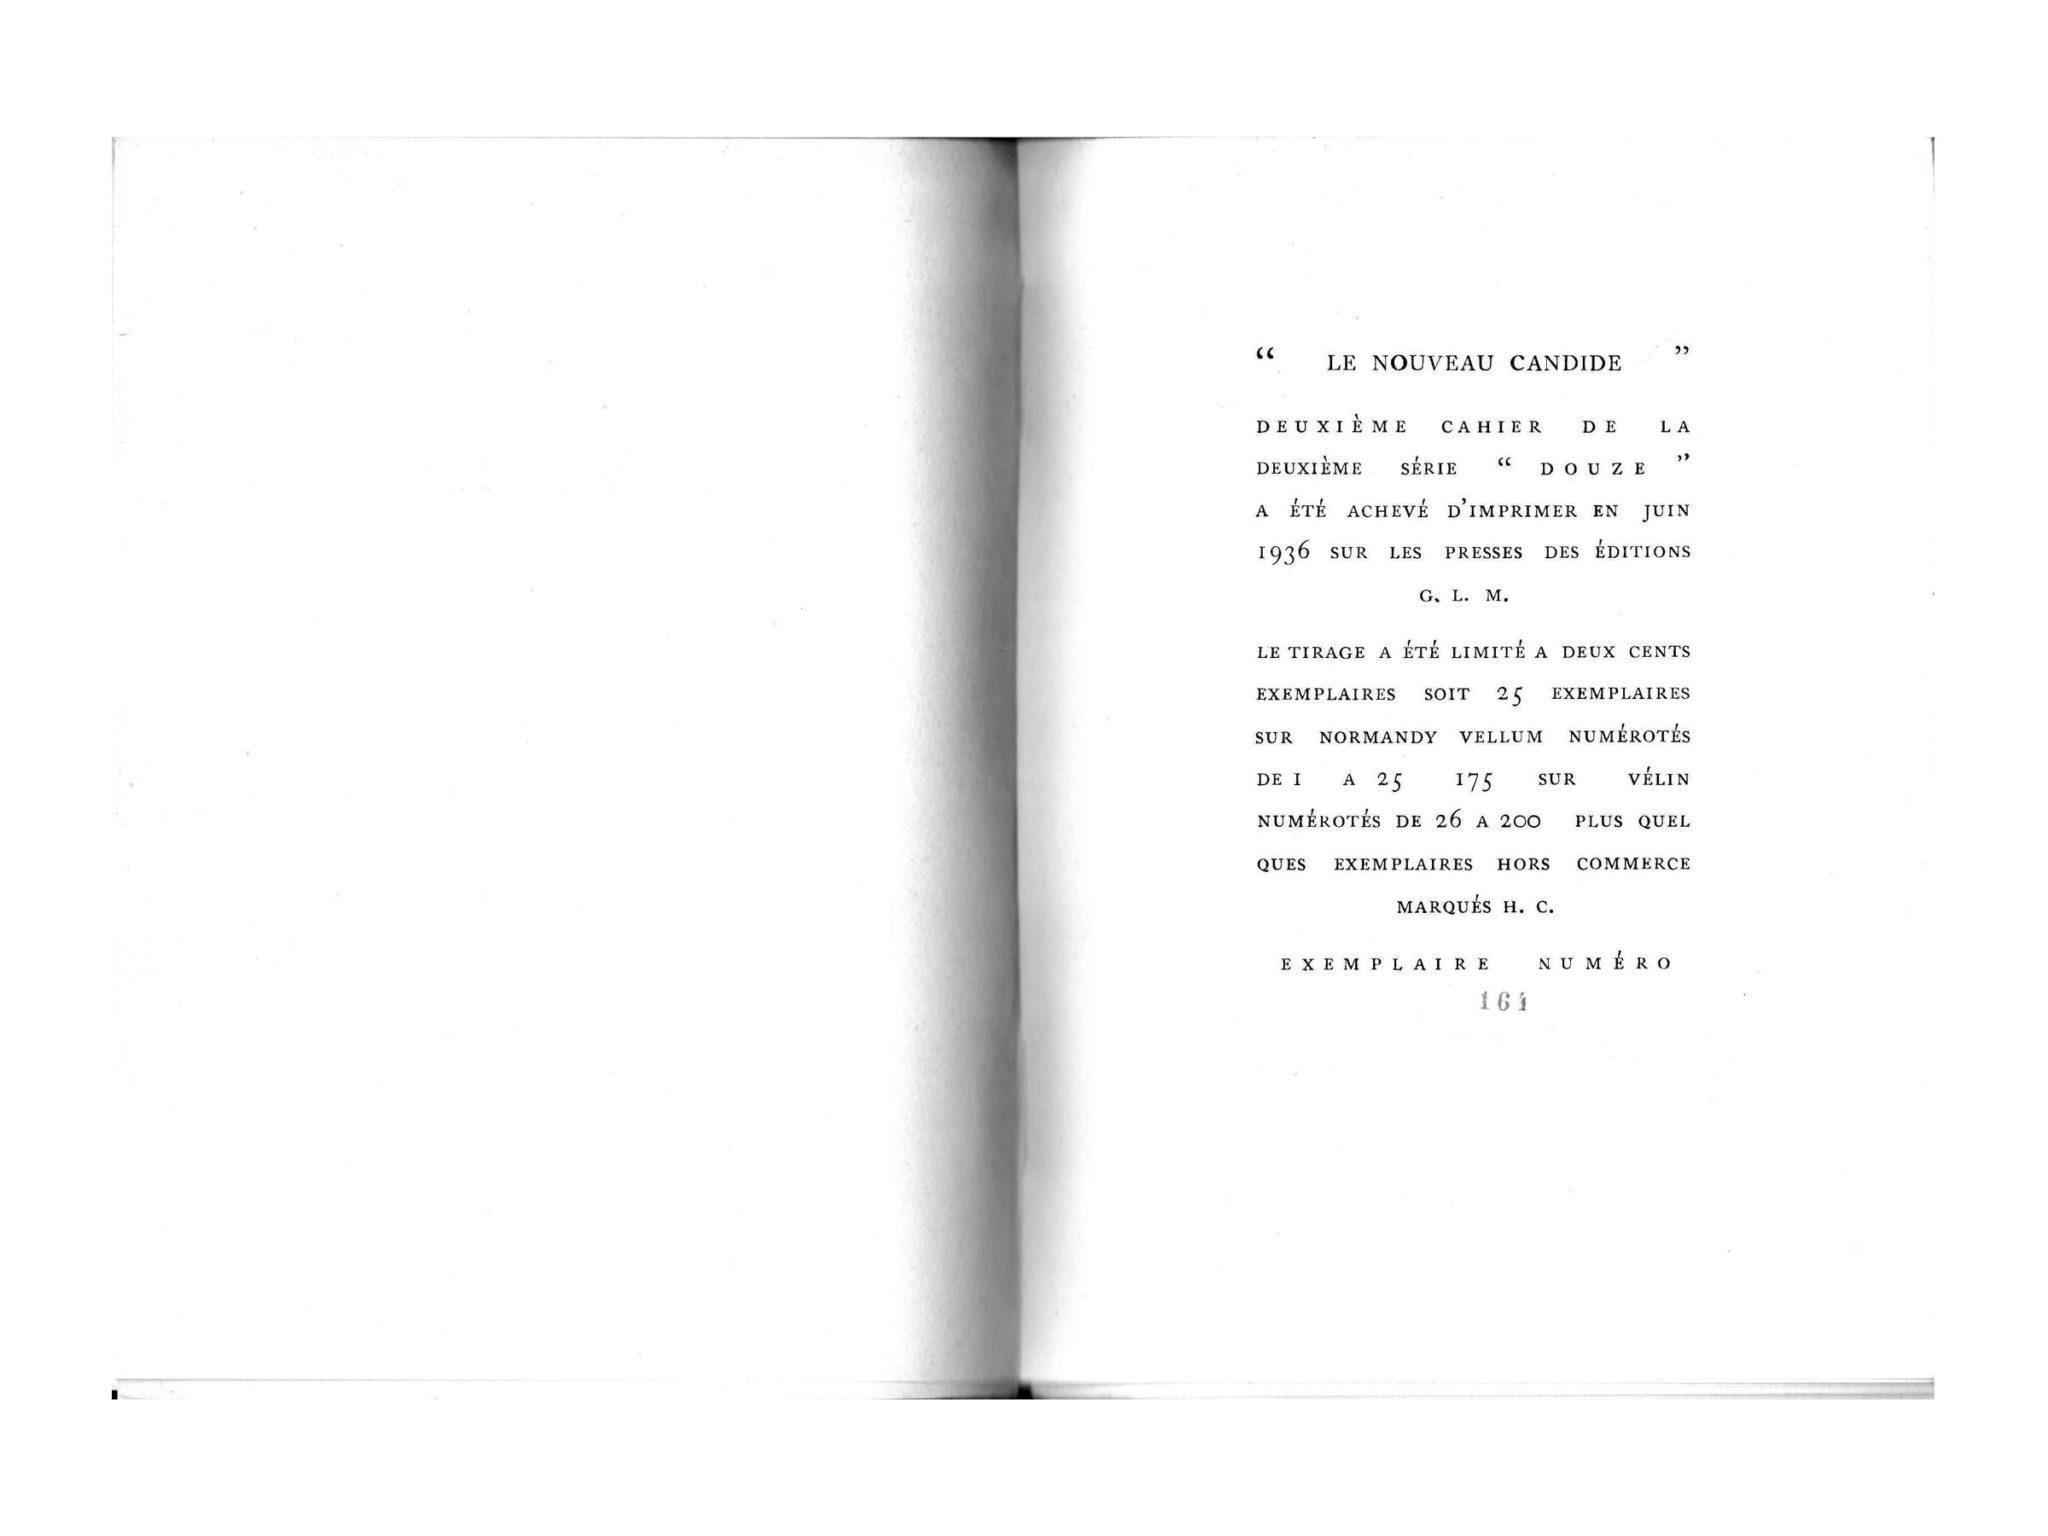 Carrousel-02-Penrose-Valentine_Le-Nouveau-Candide-t